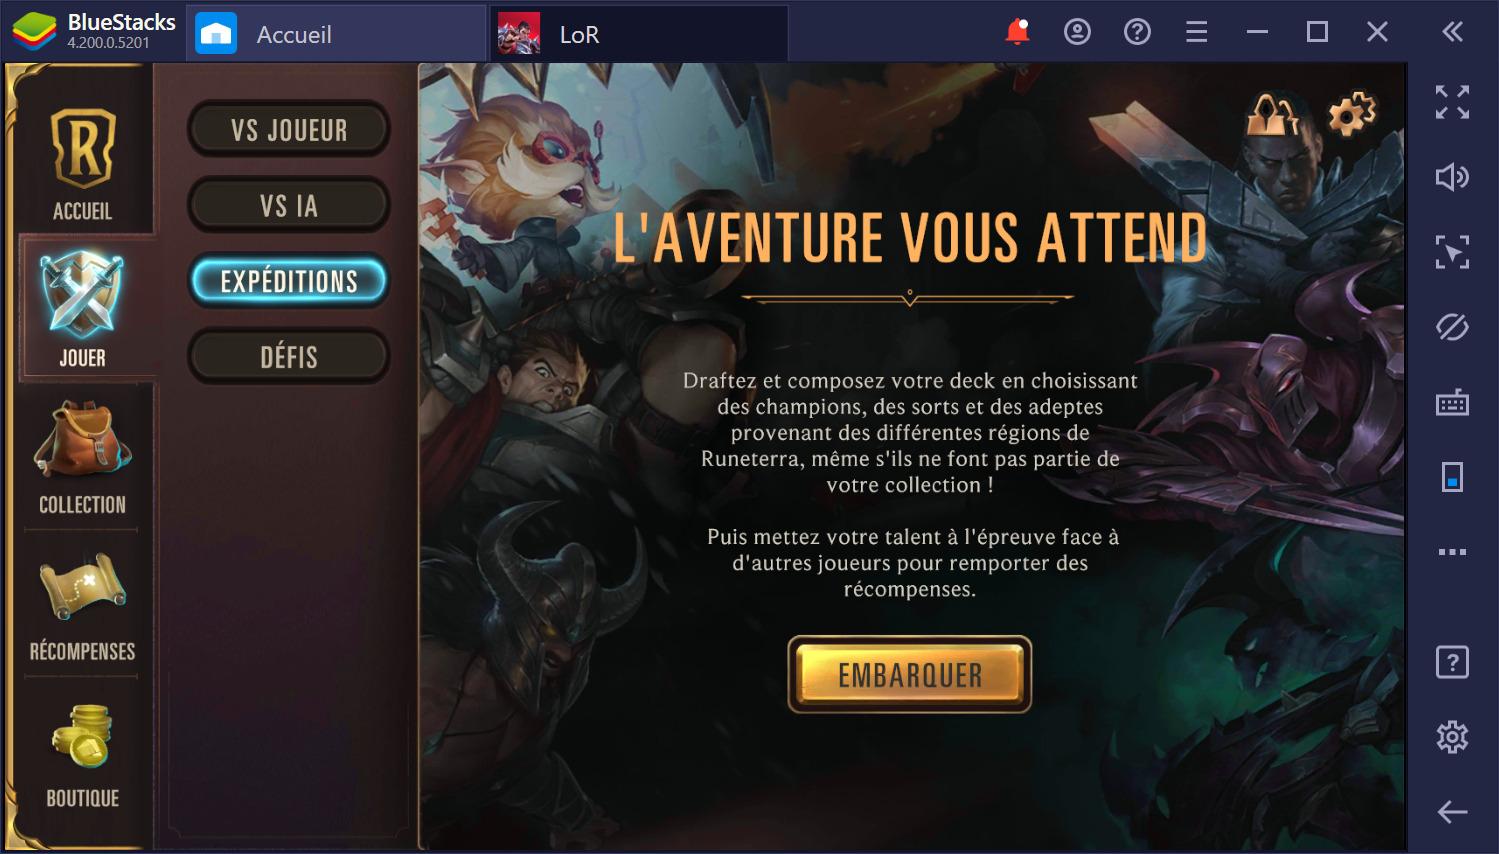 Legends of Runeterra sur PC – Comment gagner de nouvelles cartes et développer ses decks